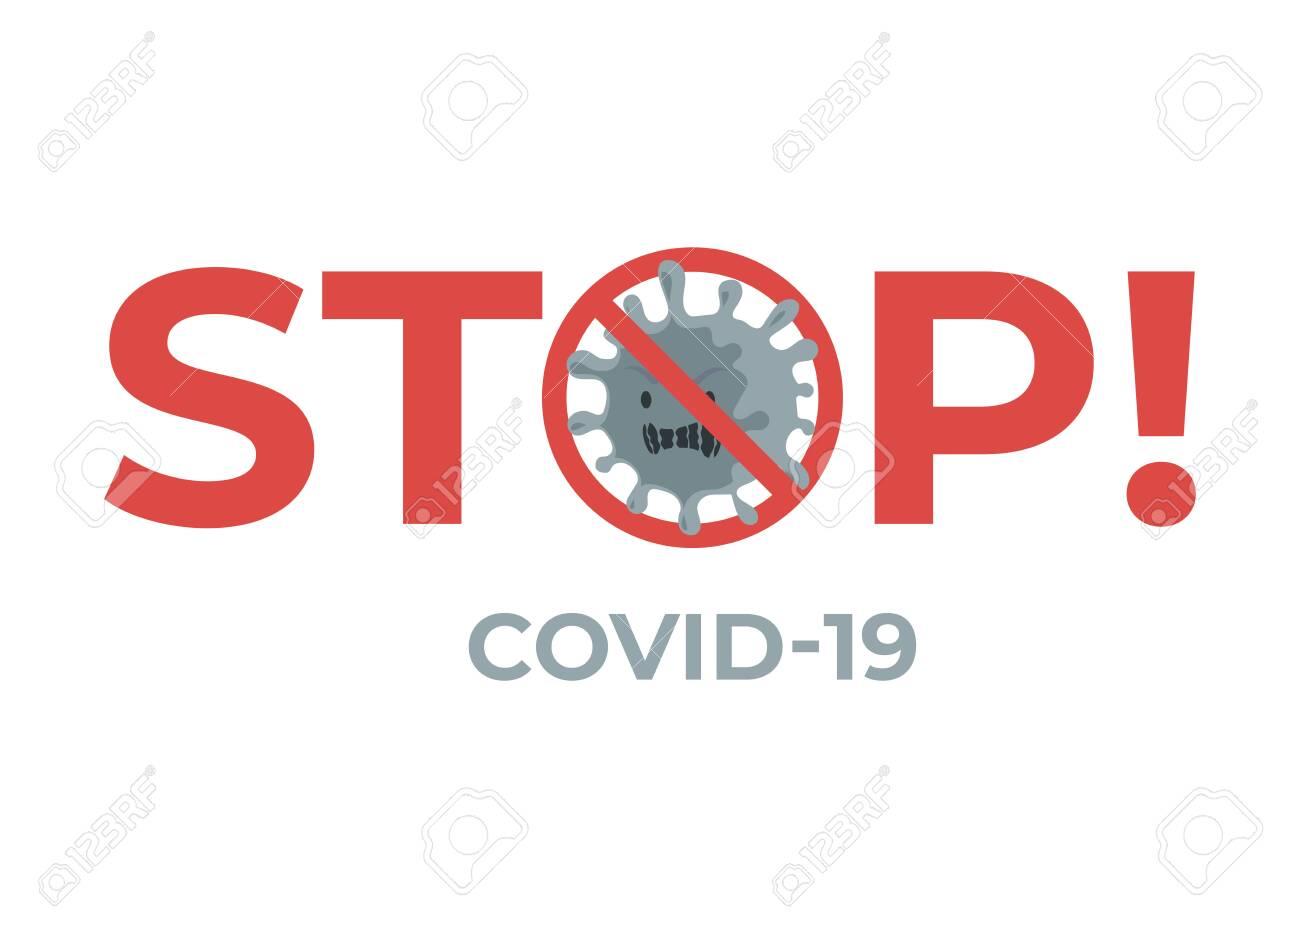 Stop virus COVID-19 flat banner concept. Novel coronavirus outbreak and global pandemic. - 144170875